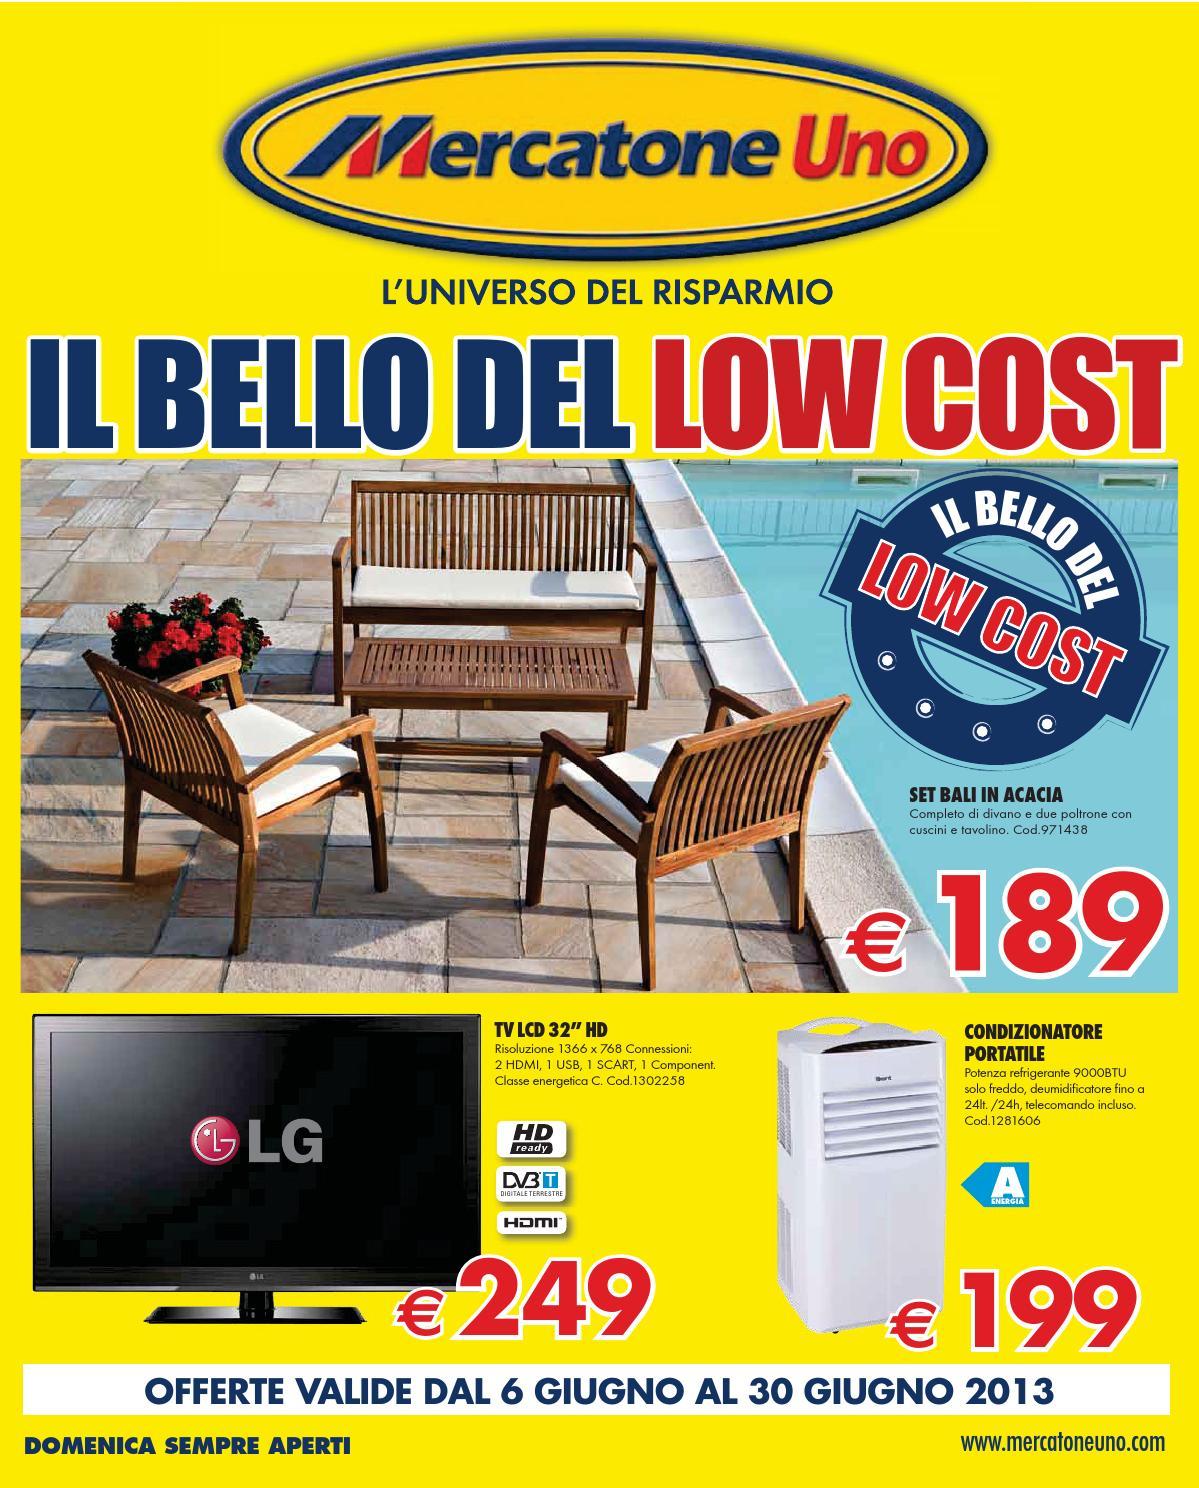 Mercatone Uno Tavoli Pieghevoli.Mercatone Uno Volantino 6 30 Giugno 2013 By Catalogopromozioni Com